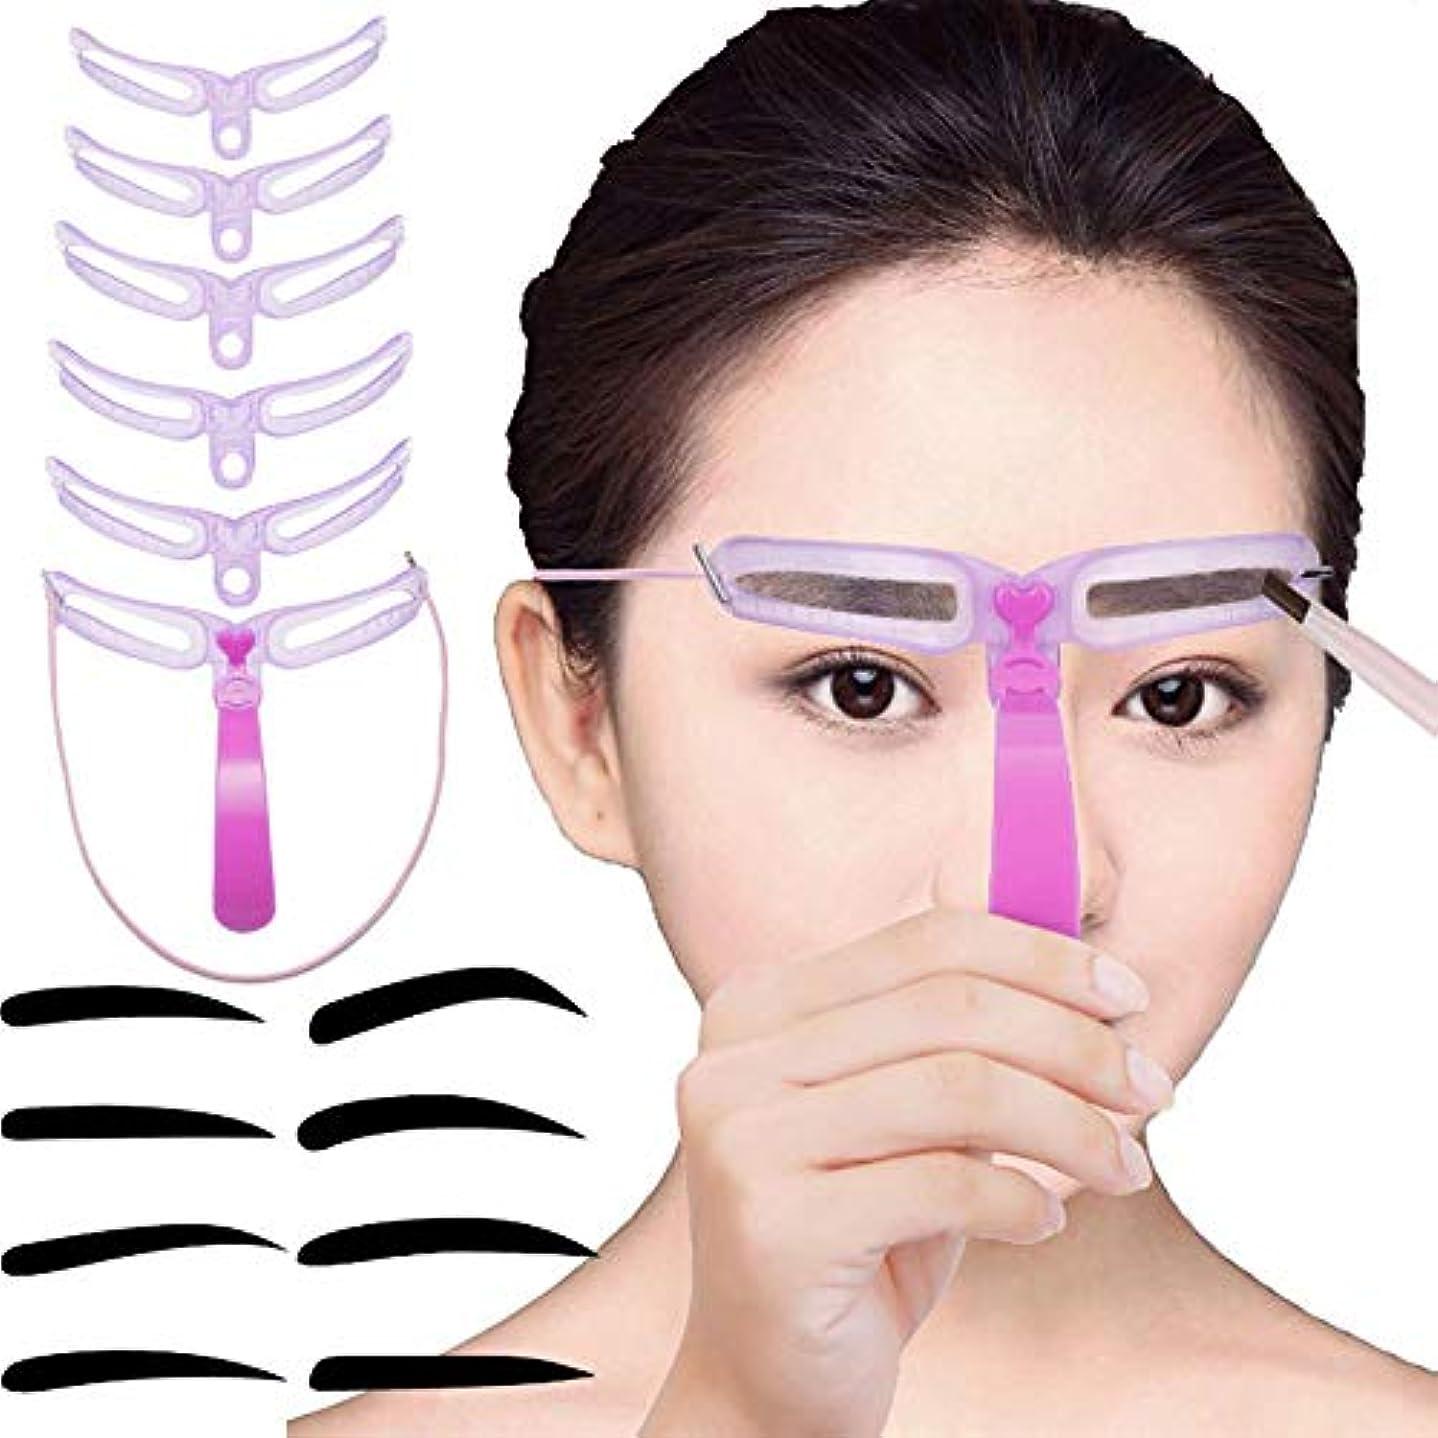 【改良】眉毛テンプレート 8種類 8パターン 眉毛ステンシル 美容ツール 男女兼用 ストラップ付き 2点セット